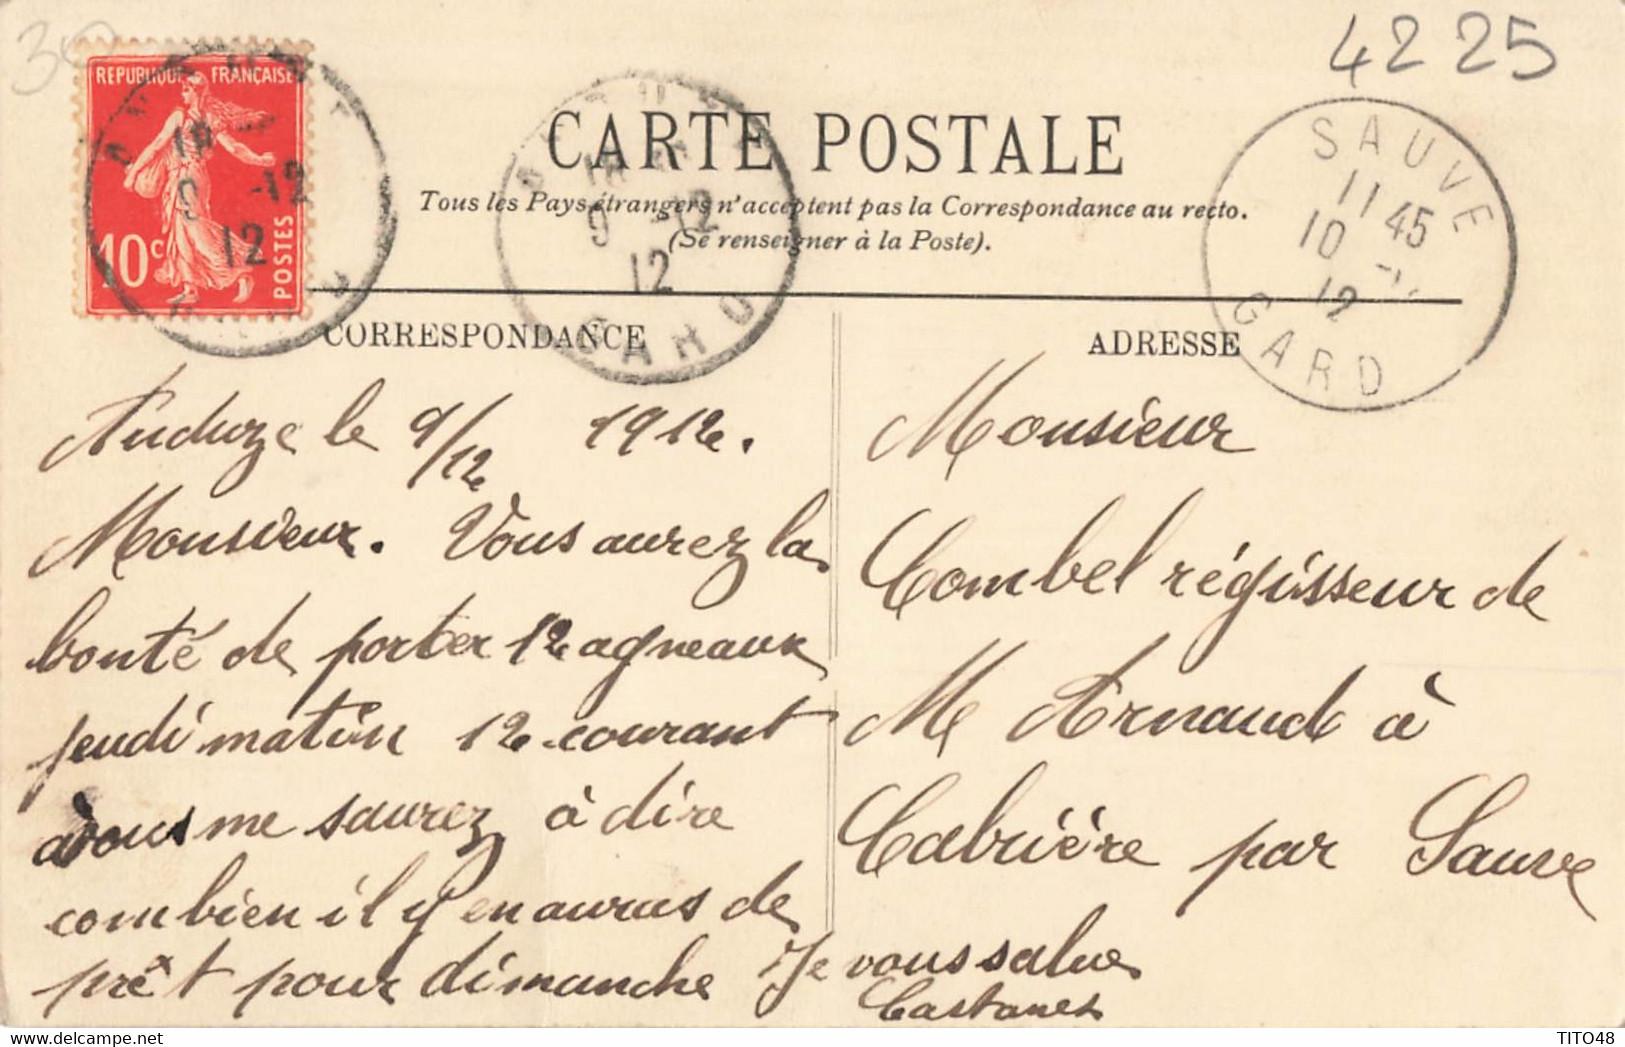 France (30 Gard) - Anduze - Boucherie A. Castanet - Anduze